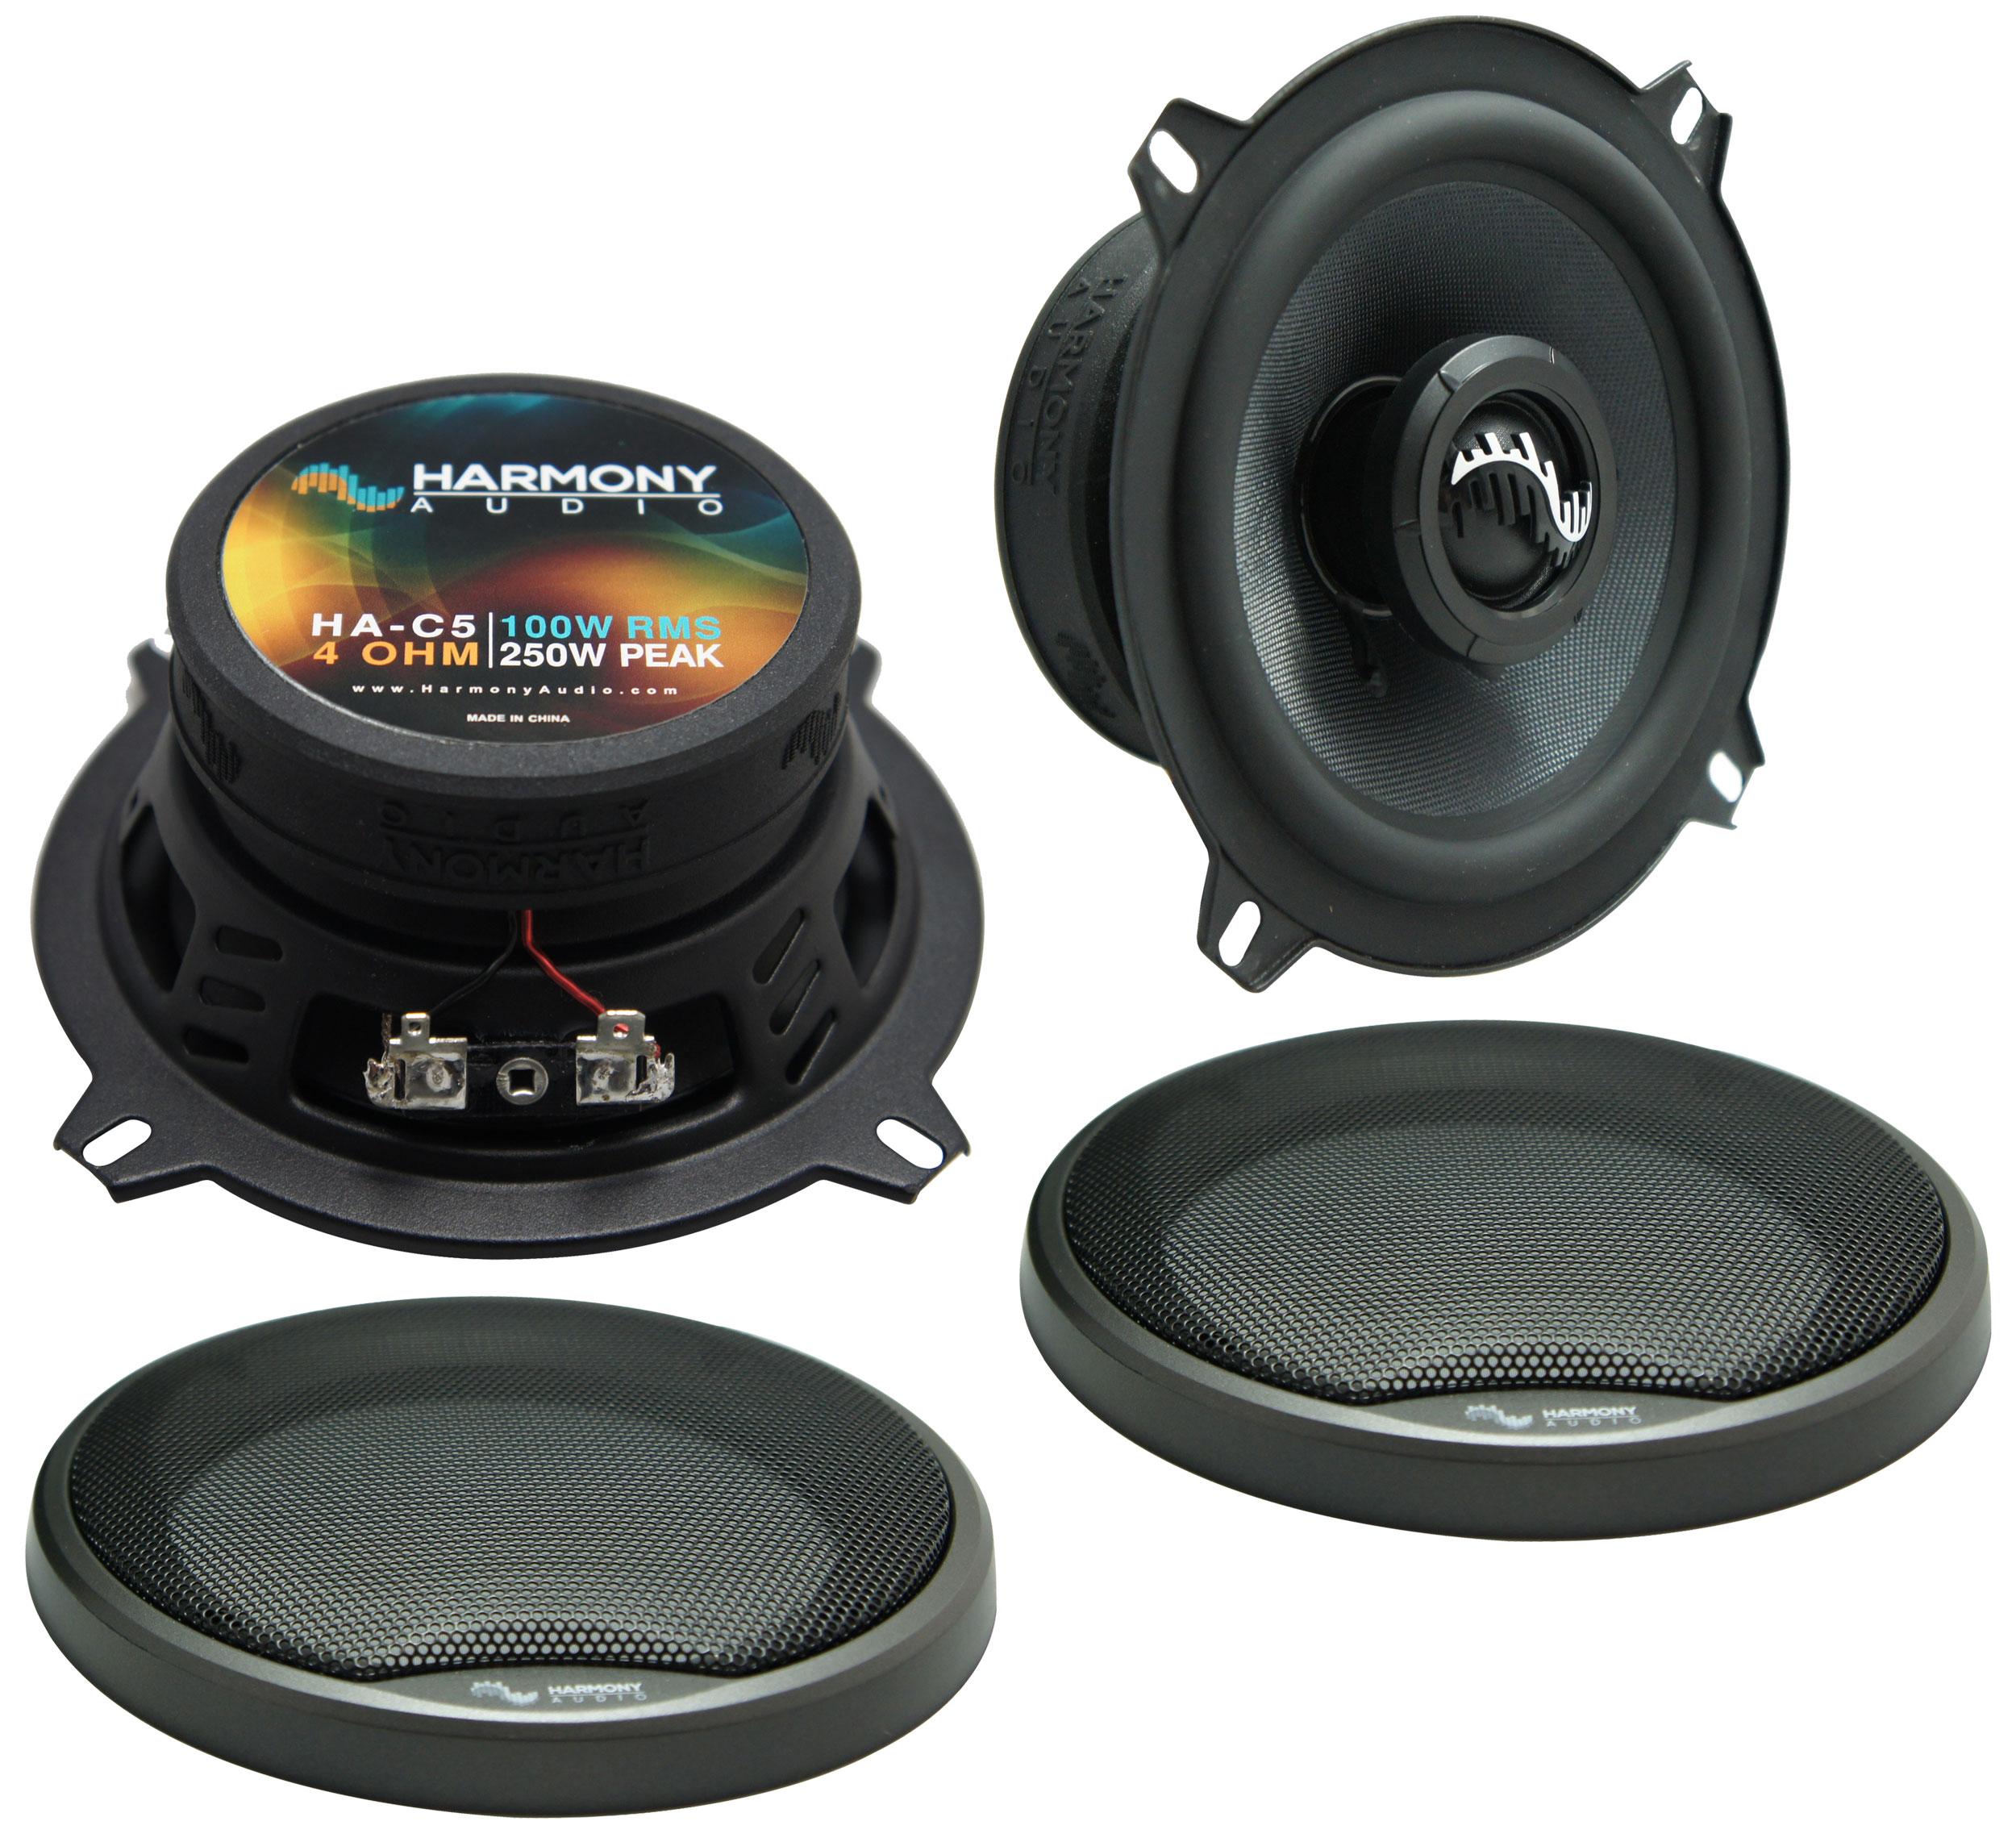 Fits BMW 7 Series 1990-2017 Front Door Replacement Harmony HA-C5 Premium Speakers New